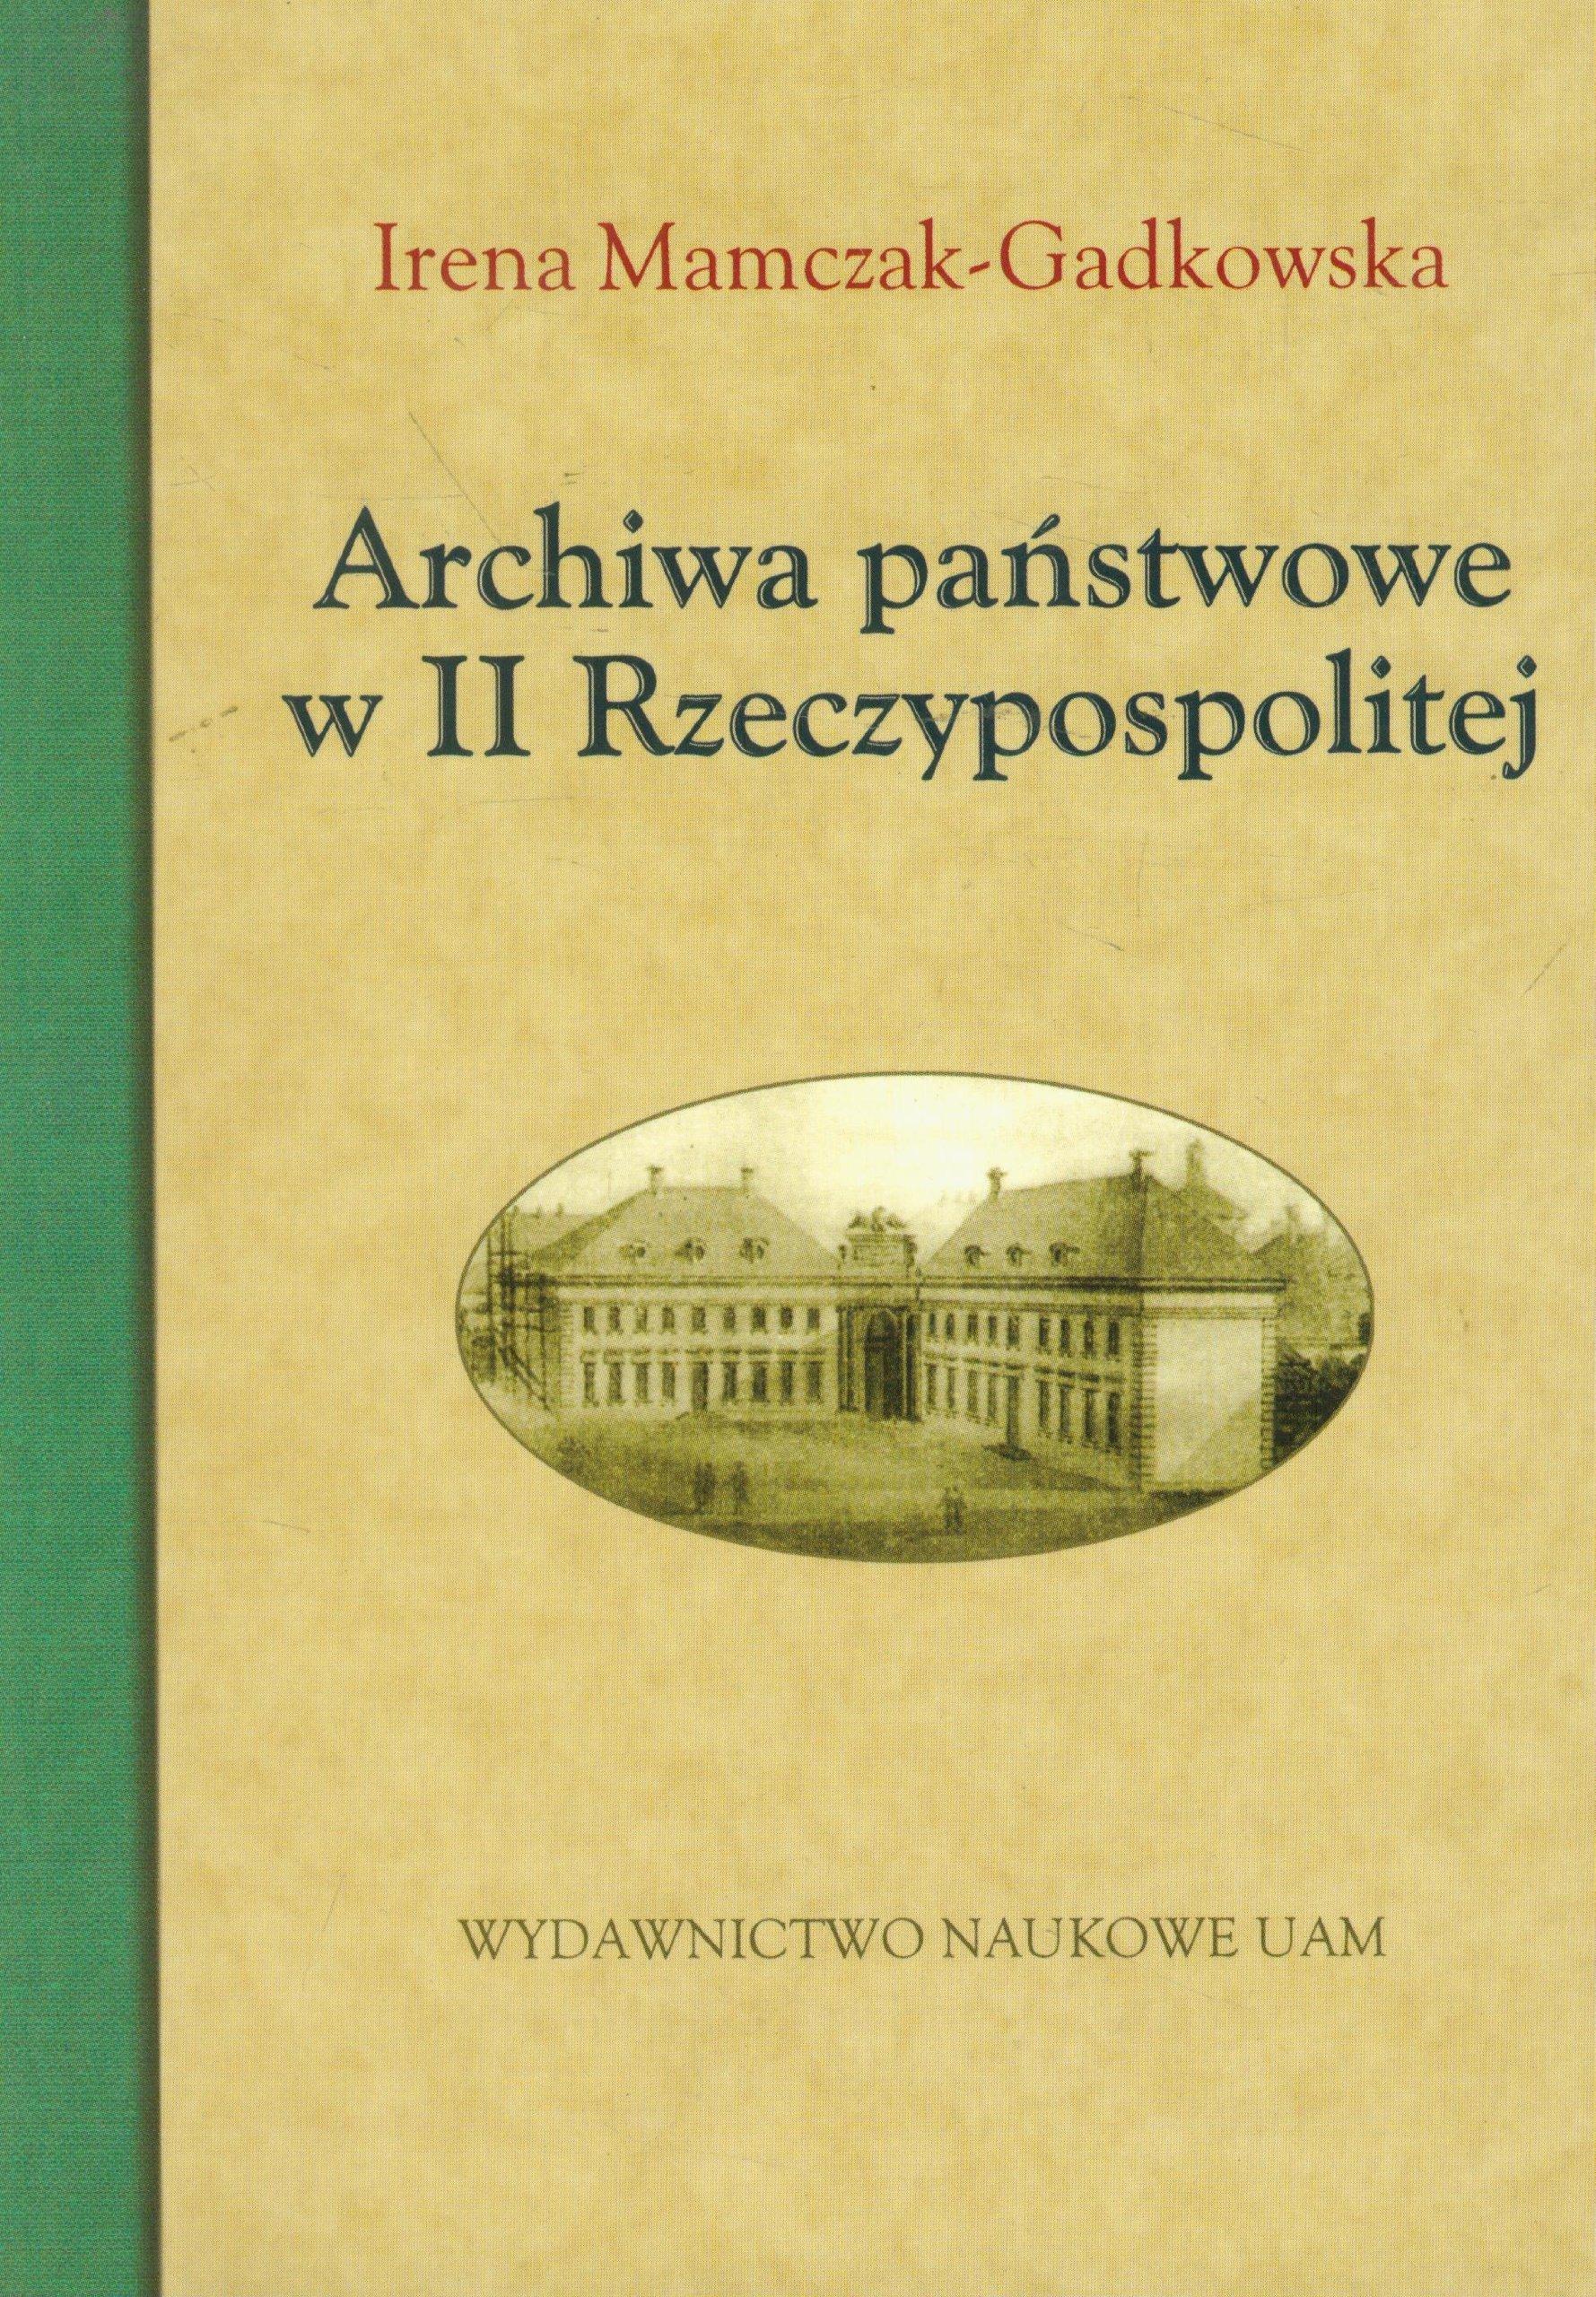 Download Archiwa Panstwowe W II Rzeczypospolitej (Polish Edition) PDF